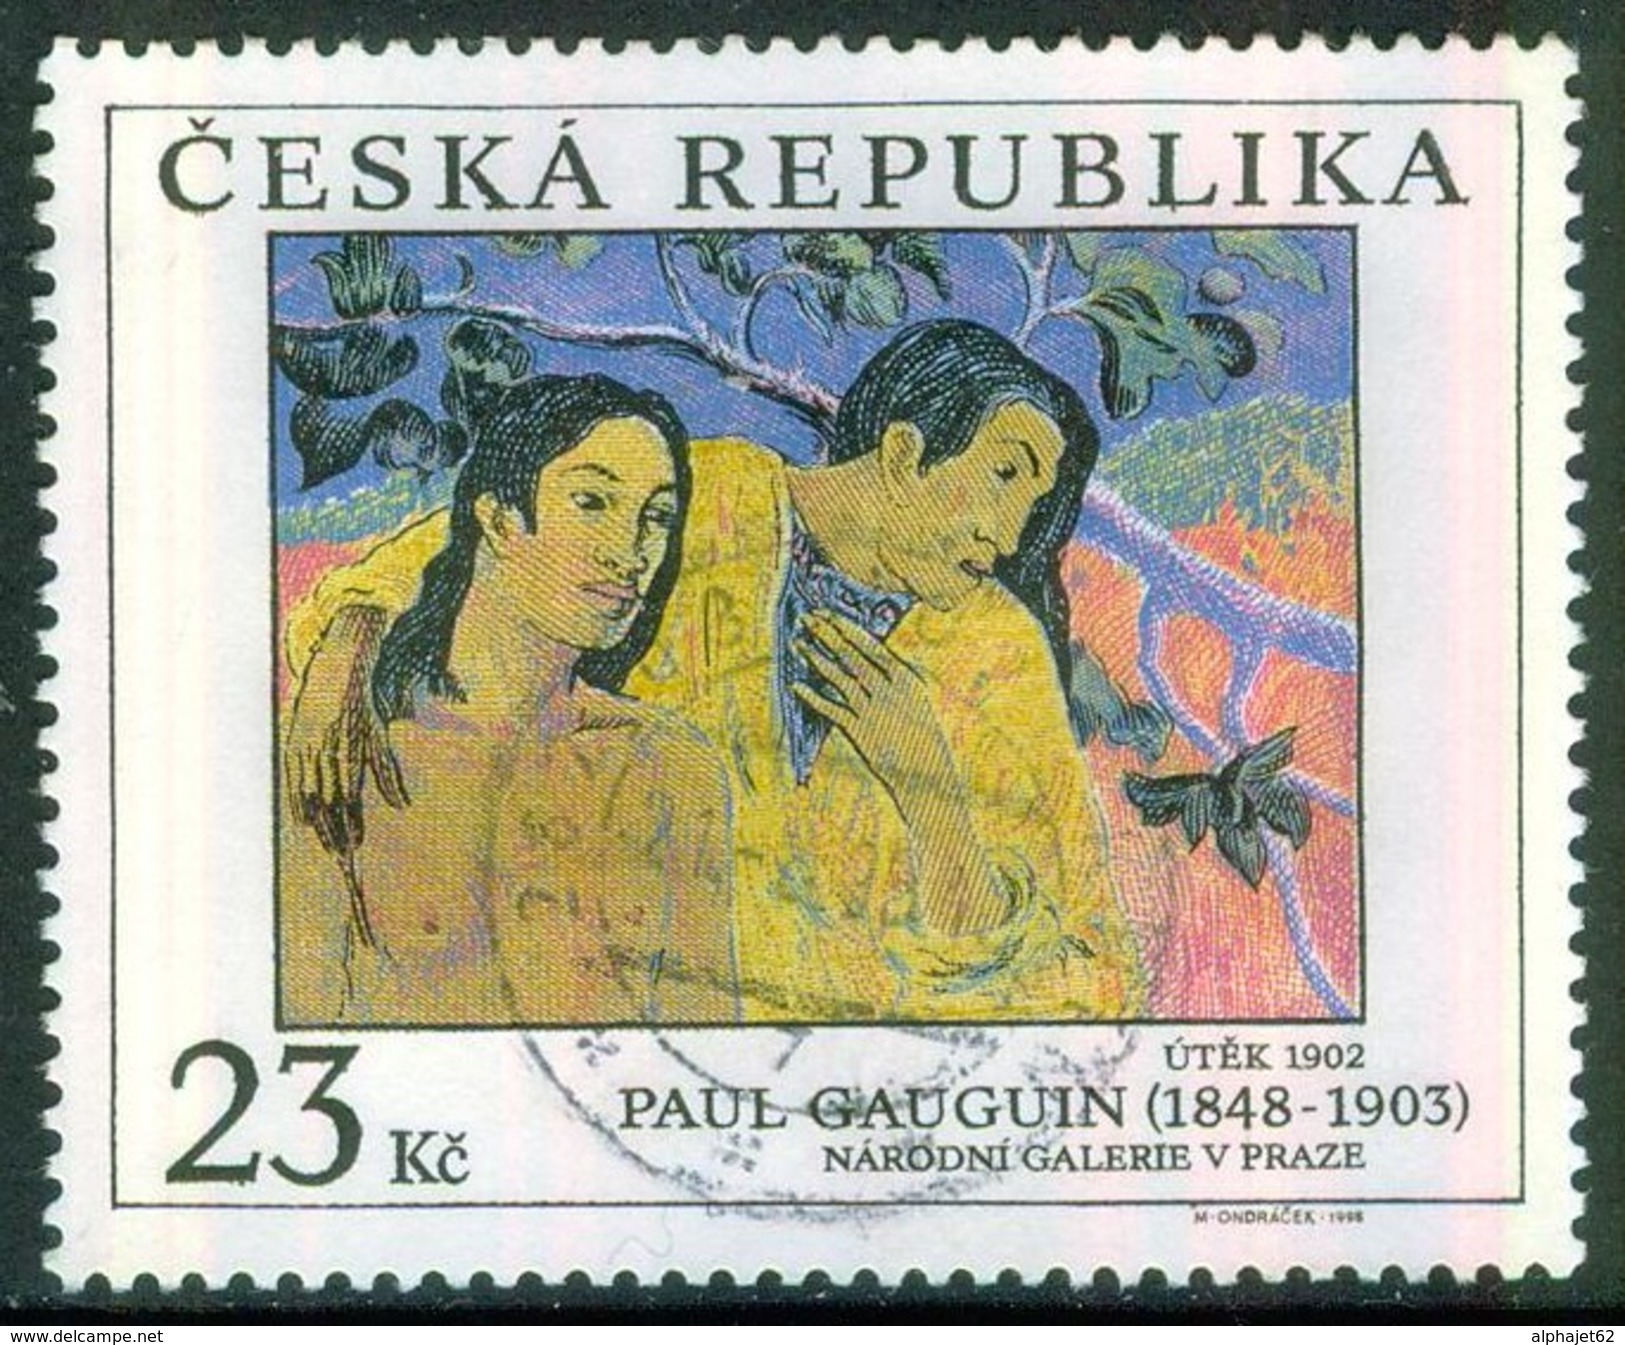 Art, Peinture, Impressionnisme - REPUBLIQUE TCHEQUE - Paul Gauguin - Oeuvre 1902 - N° 186 - 1998 - Tsjechië